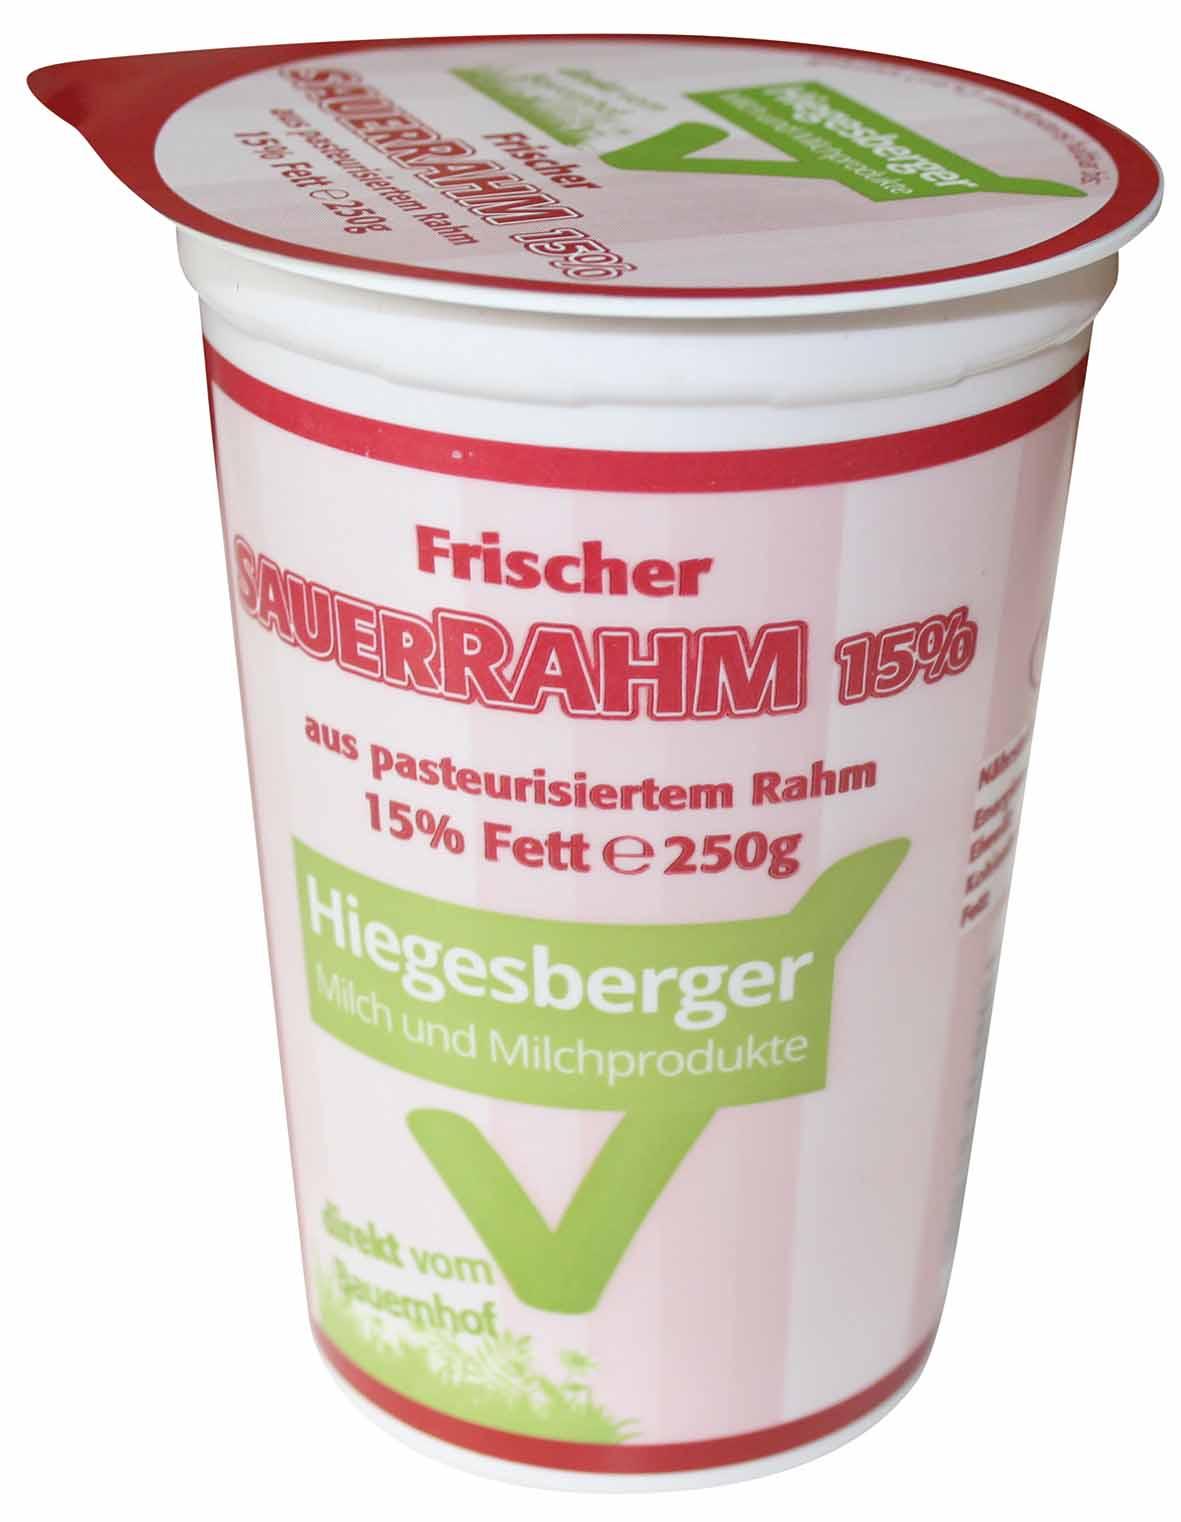 Hiegesberger_Sauerrahm_15%_Fett_250g